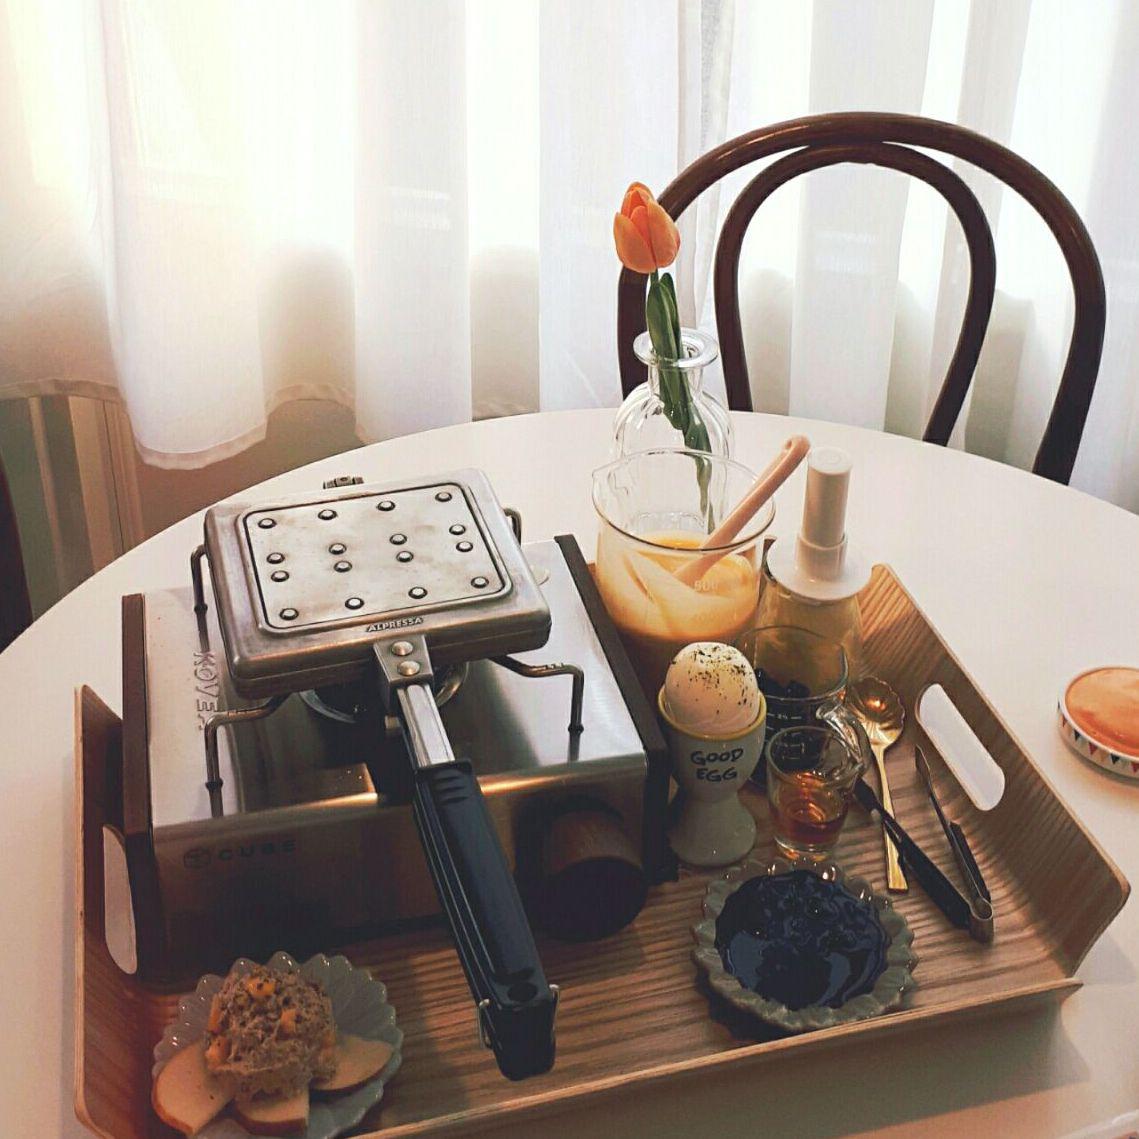 就是要邊吃邊玩!DIY披薩、鬆餅、果汁,品嚐美食外還可以玩桌遊?!窩在餐廳開心玩耍一下午吧!